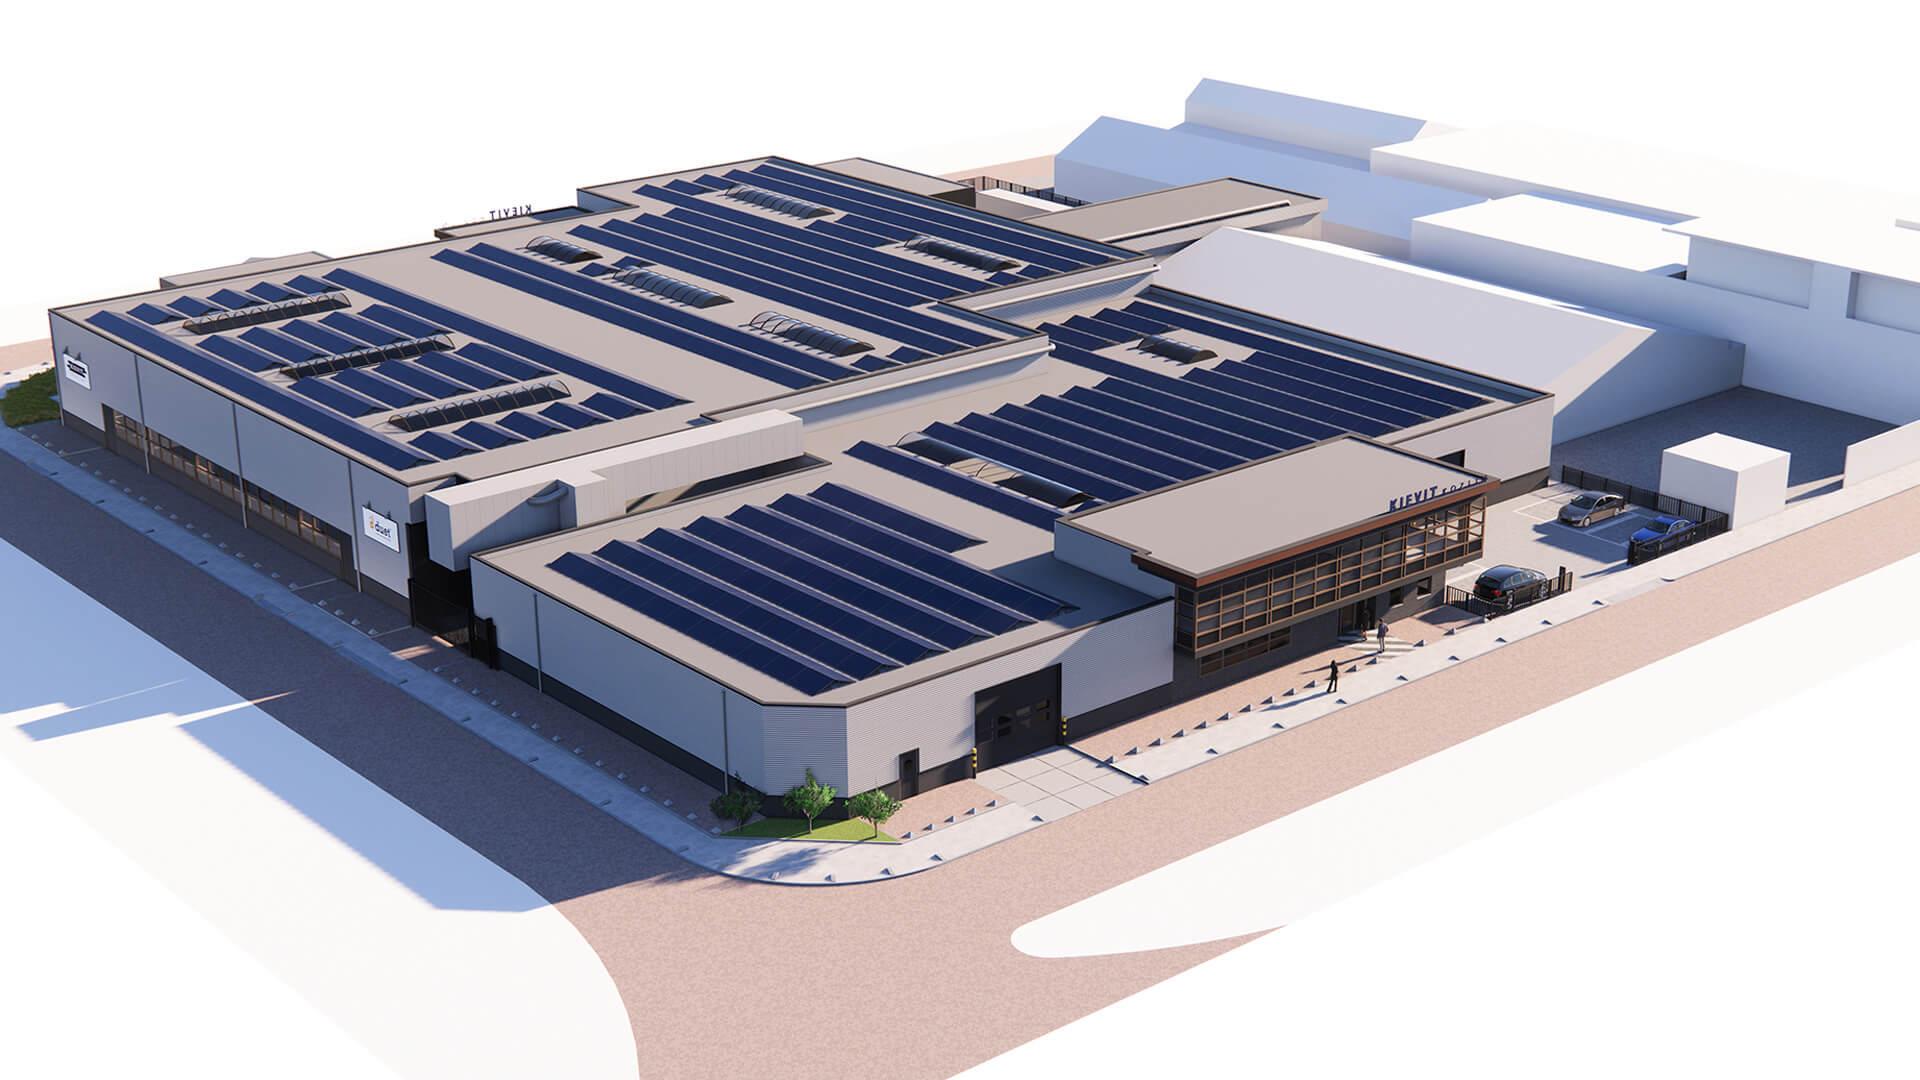 Nieuwbouw kozijnfabriek render achterzijde voor duet en Kievit kozijnen